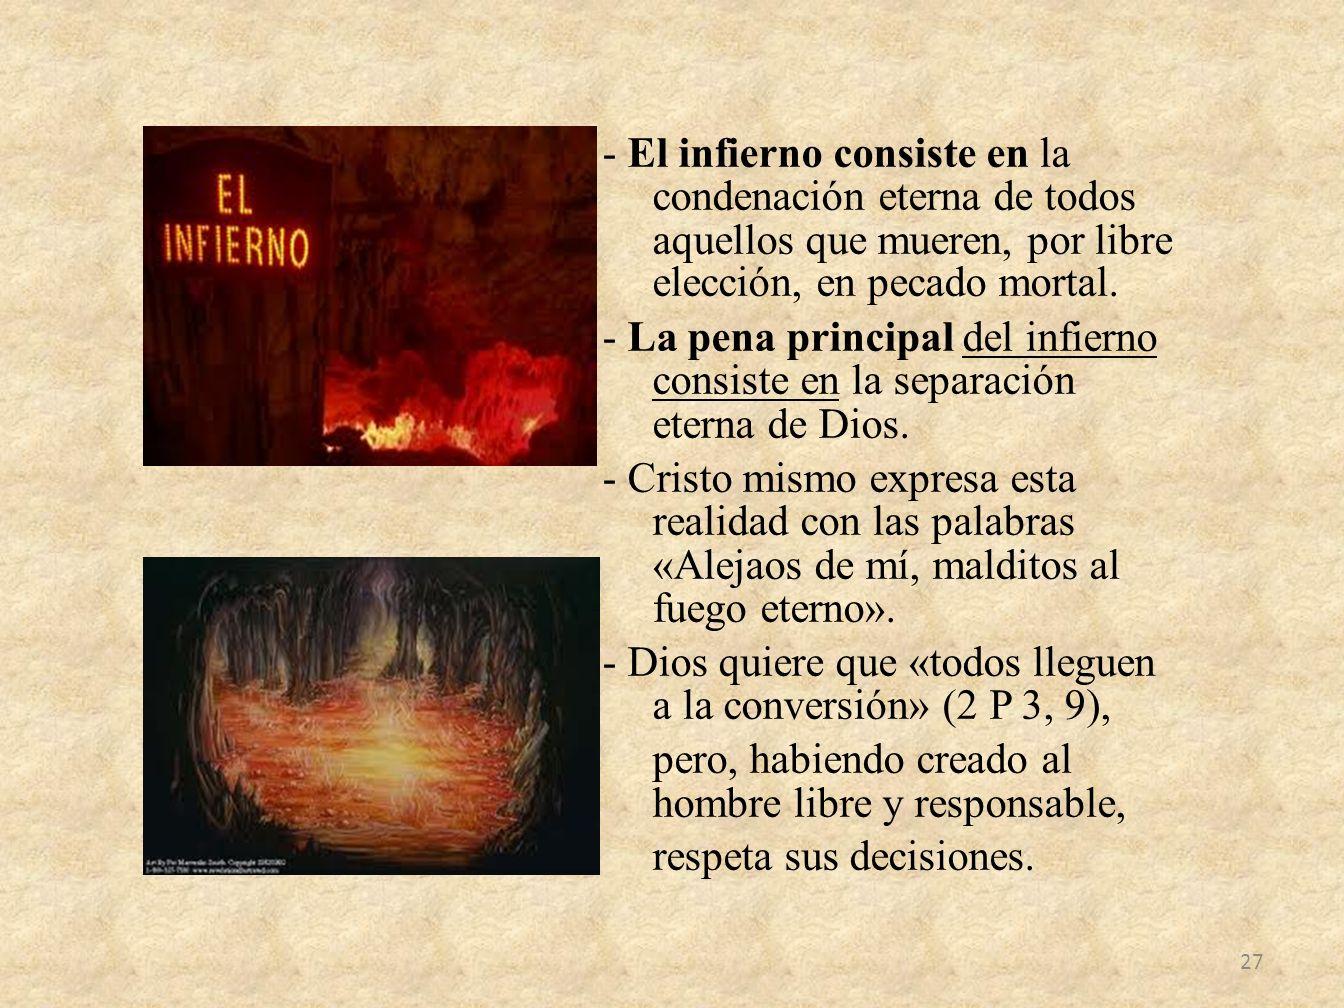 - El infierno consiste en la condenación eterna de todos aquellos que mueren, por libre elección, en pecado mortal.